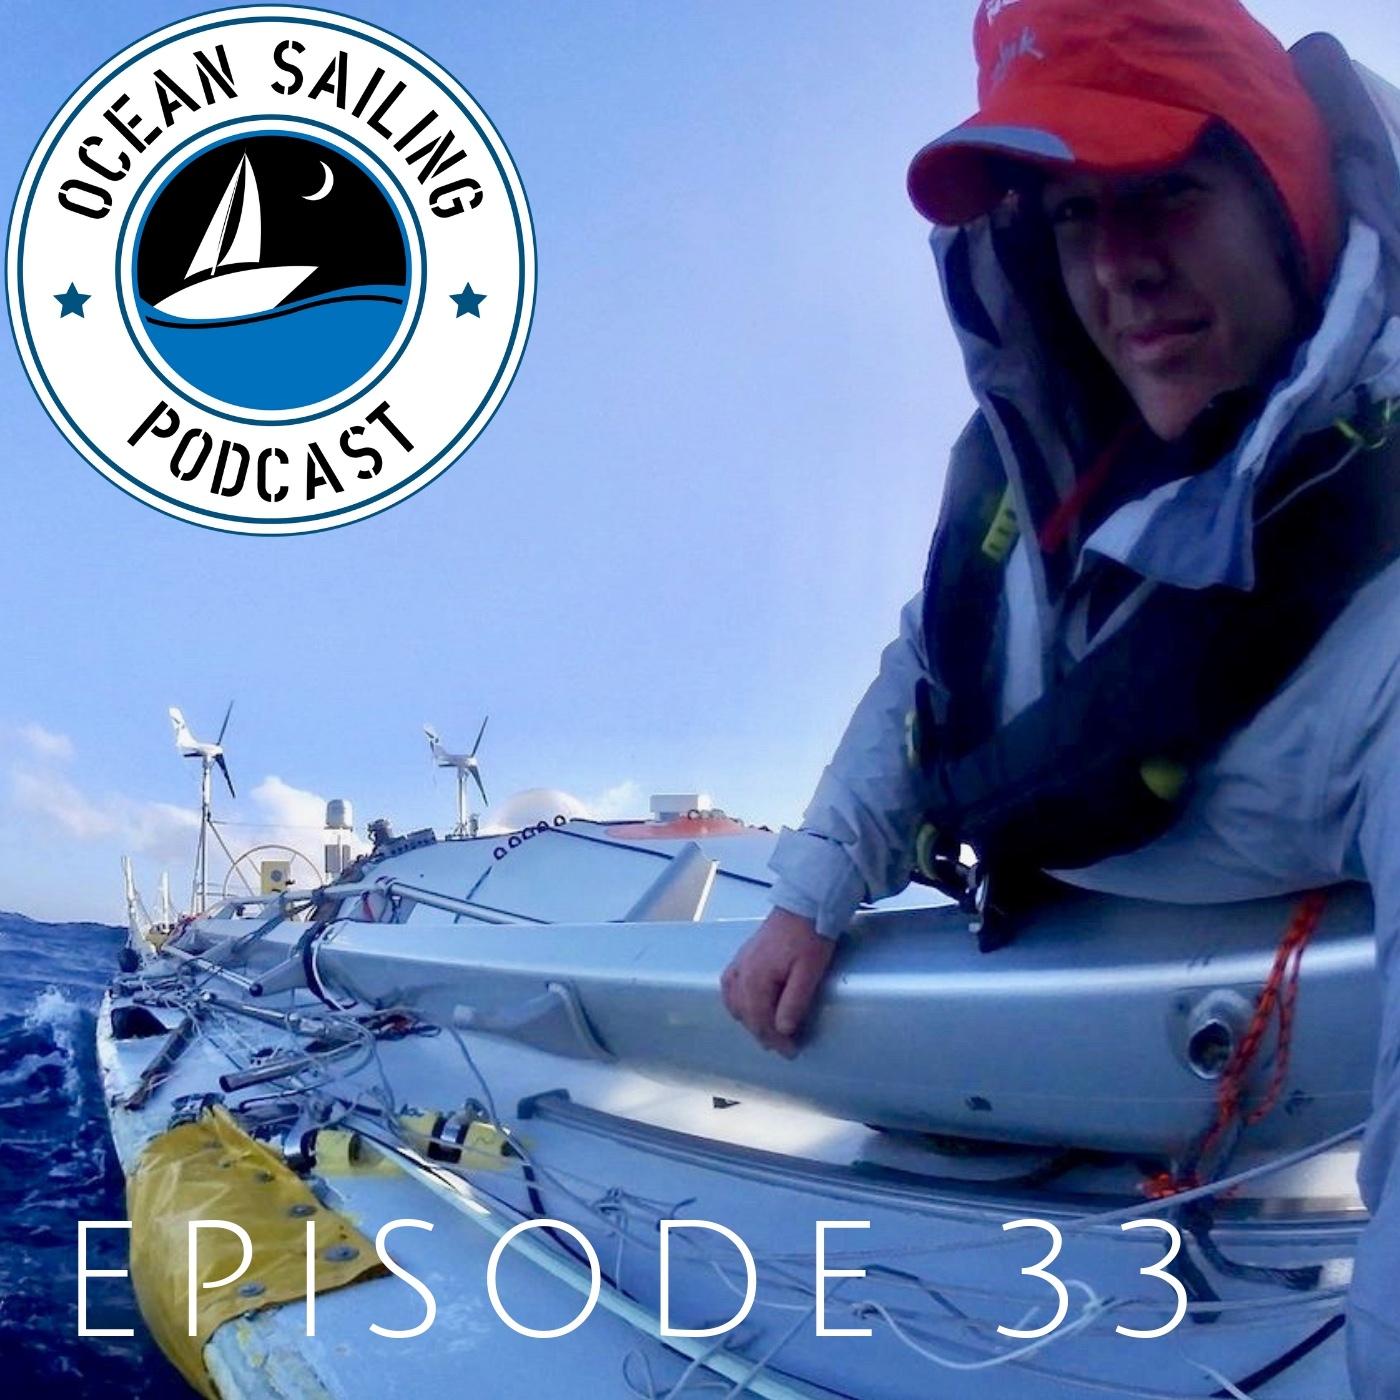 Lisa Blair dismasted Antarctica circumnavigation